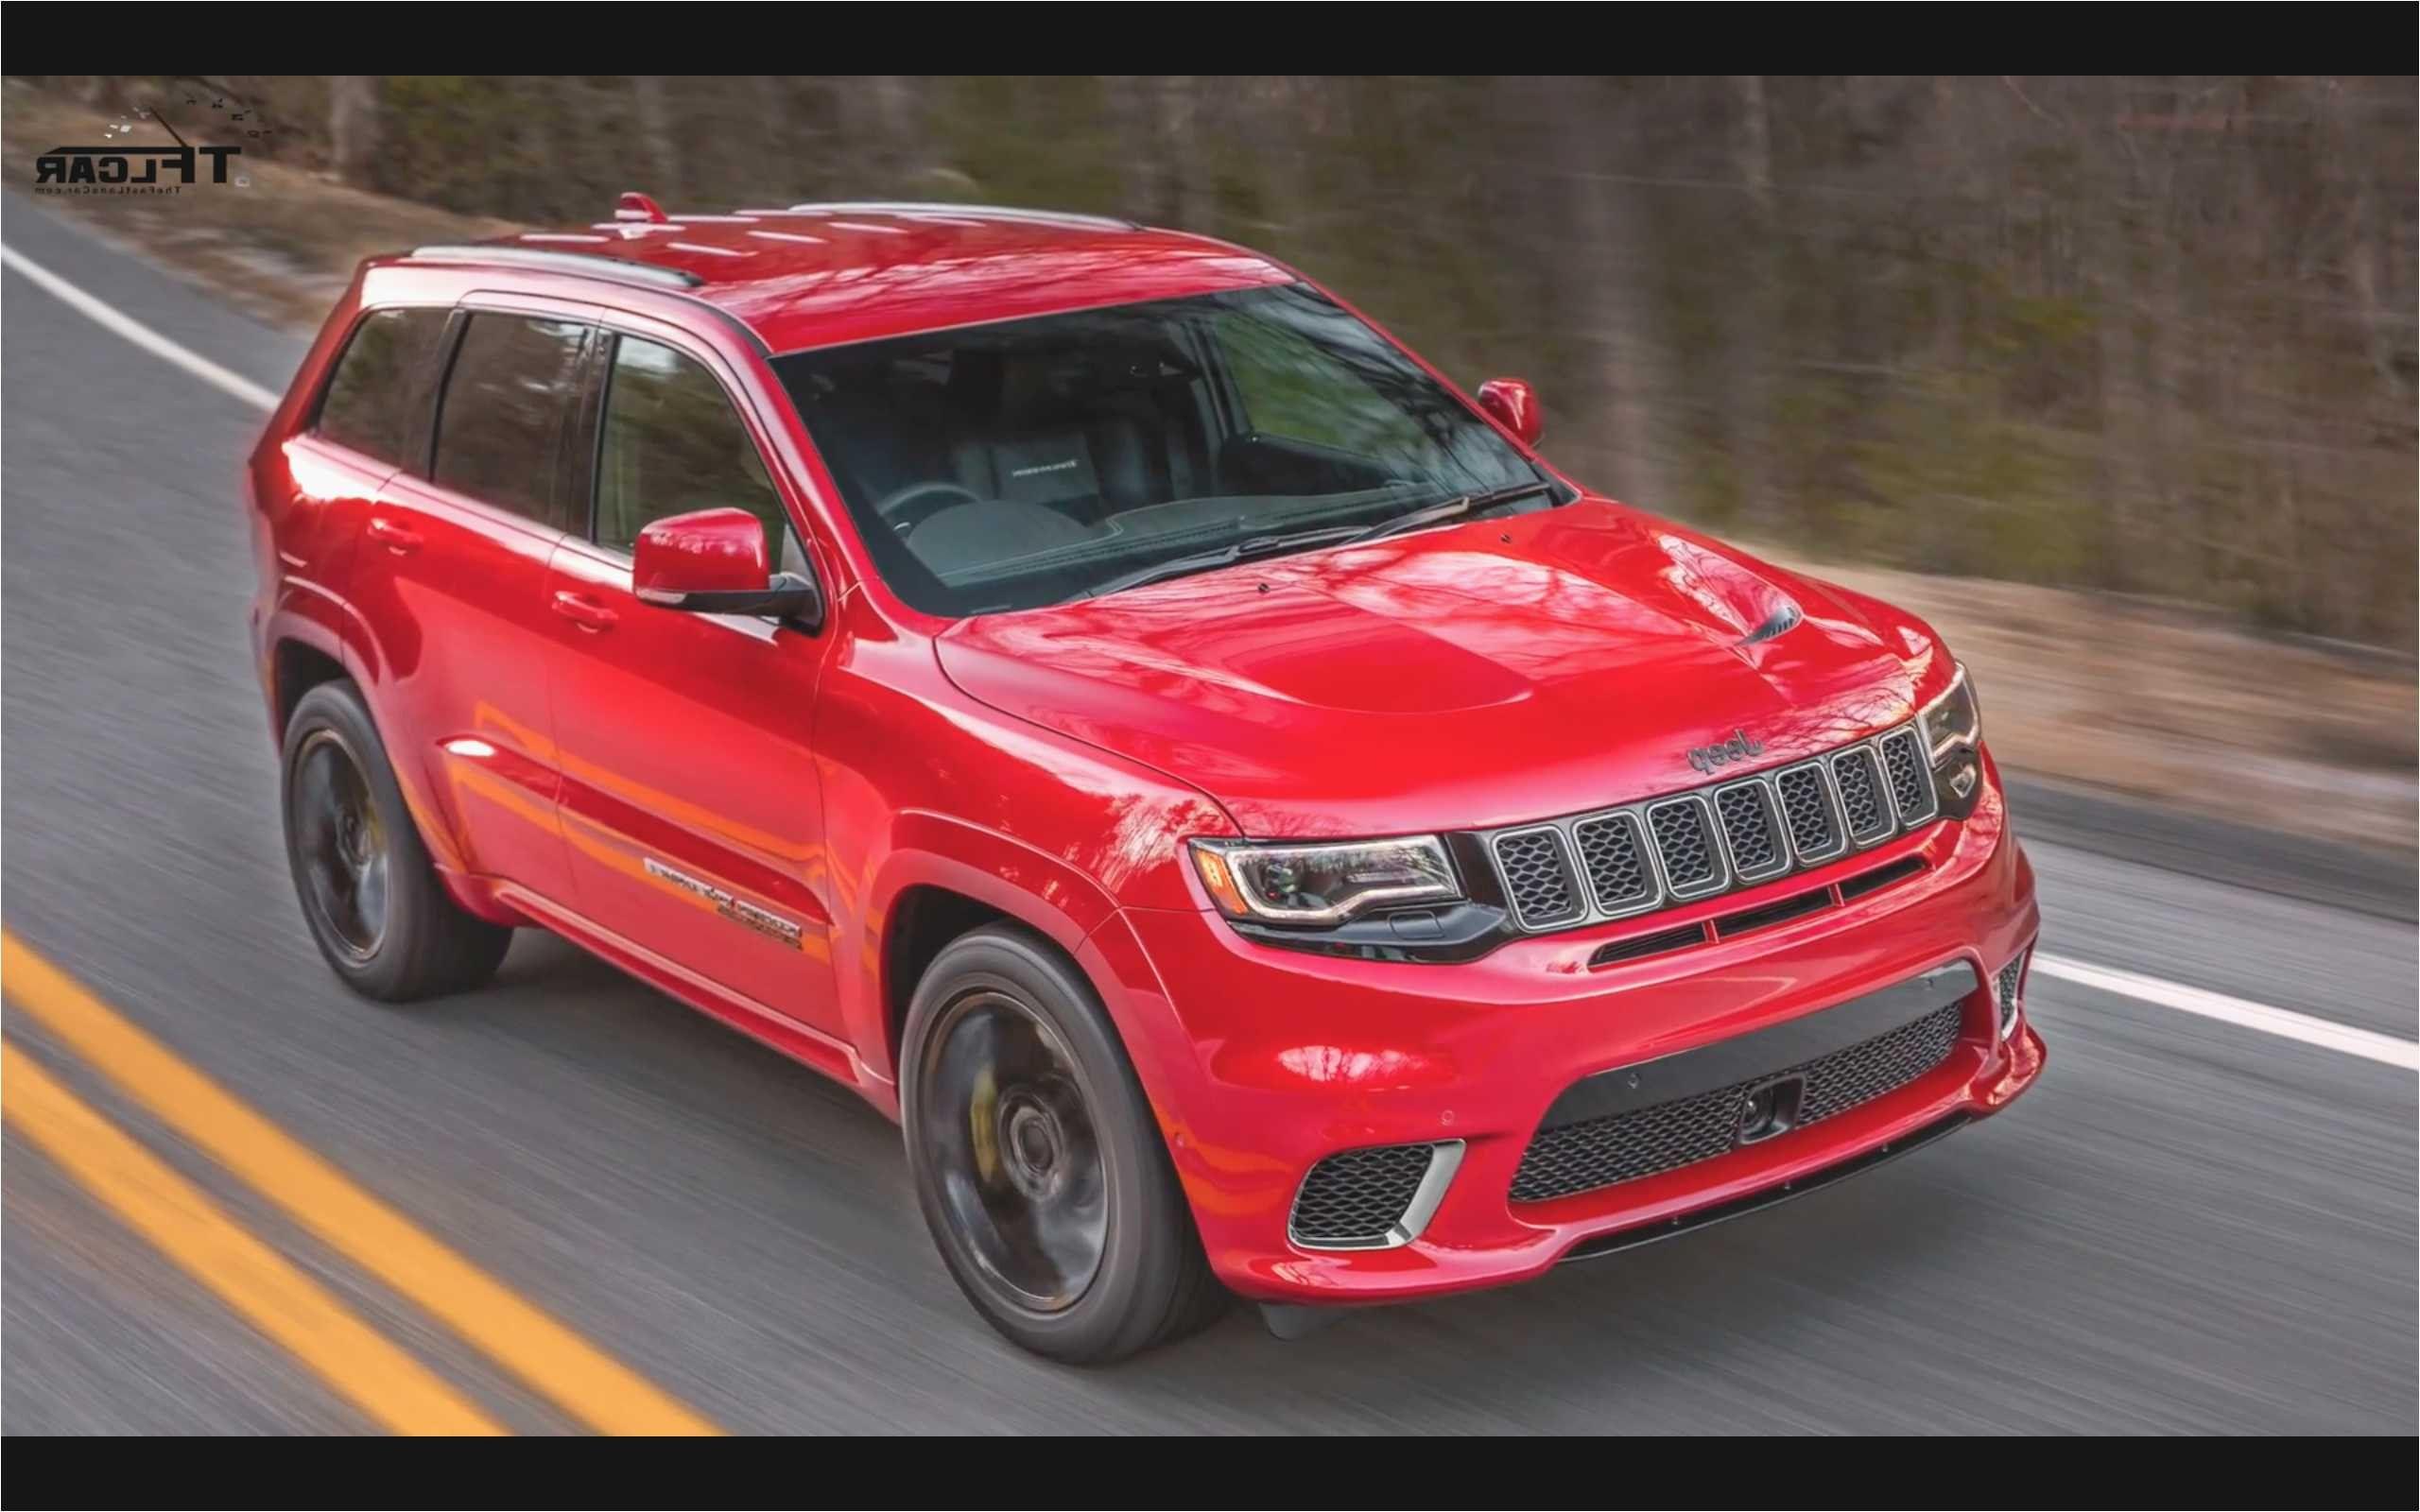 2017 Jeep Cherokee Red Jeep grand cherokee, Jeep